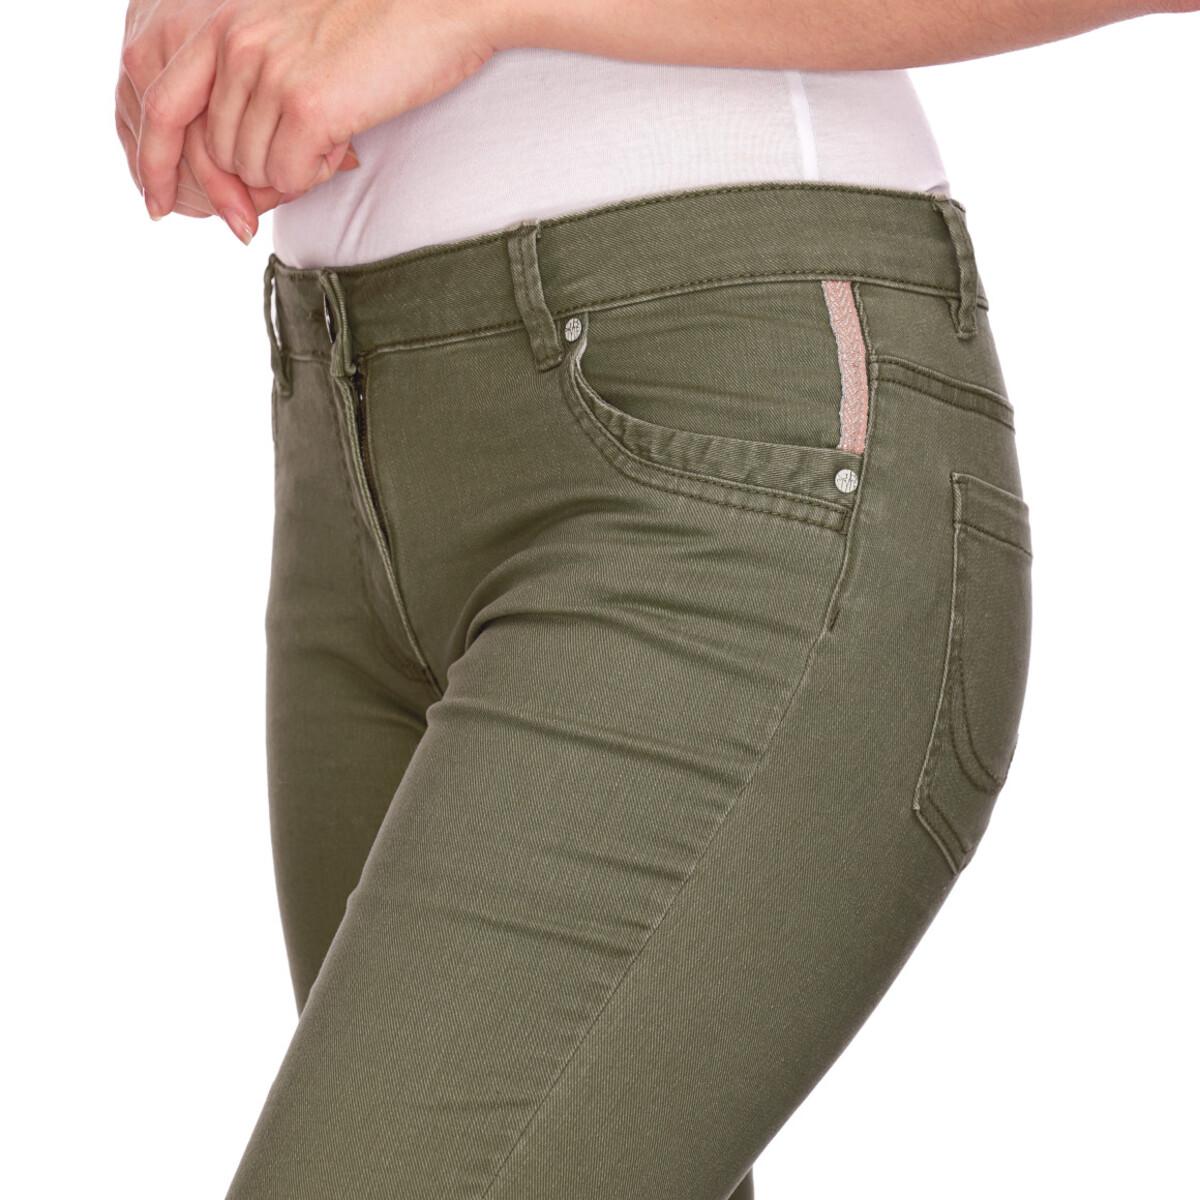 Bild 4 von Damen Slim-Jeans mit fransigem Beinabschluss